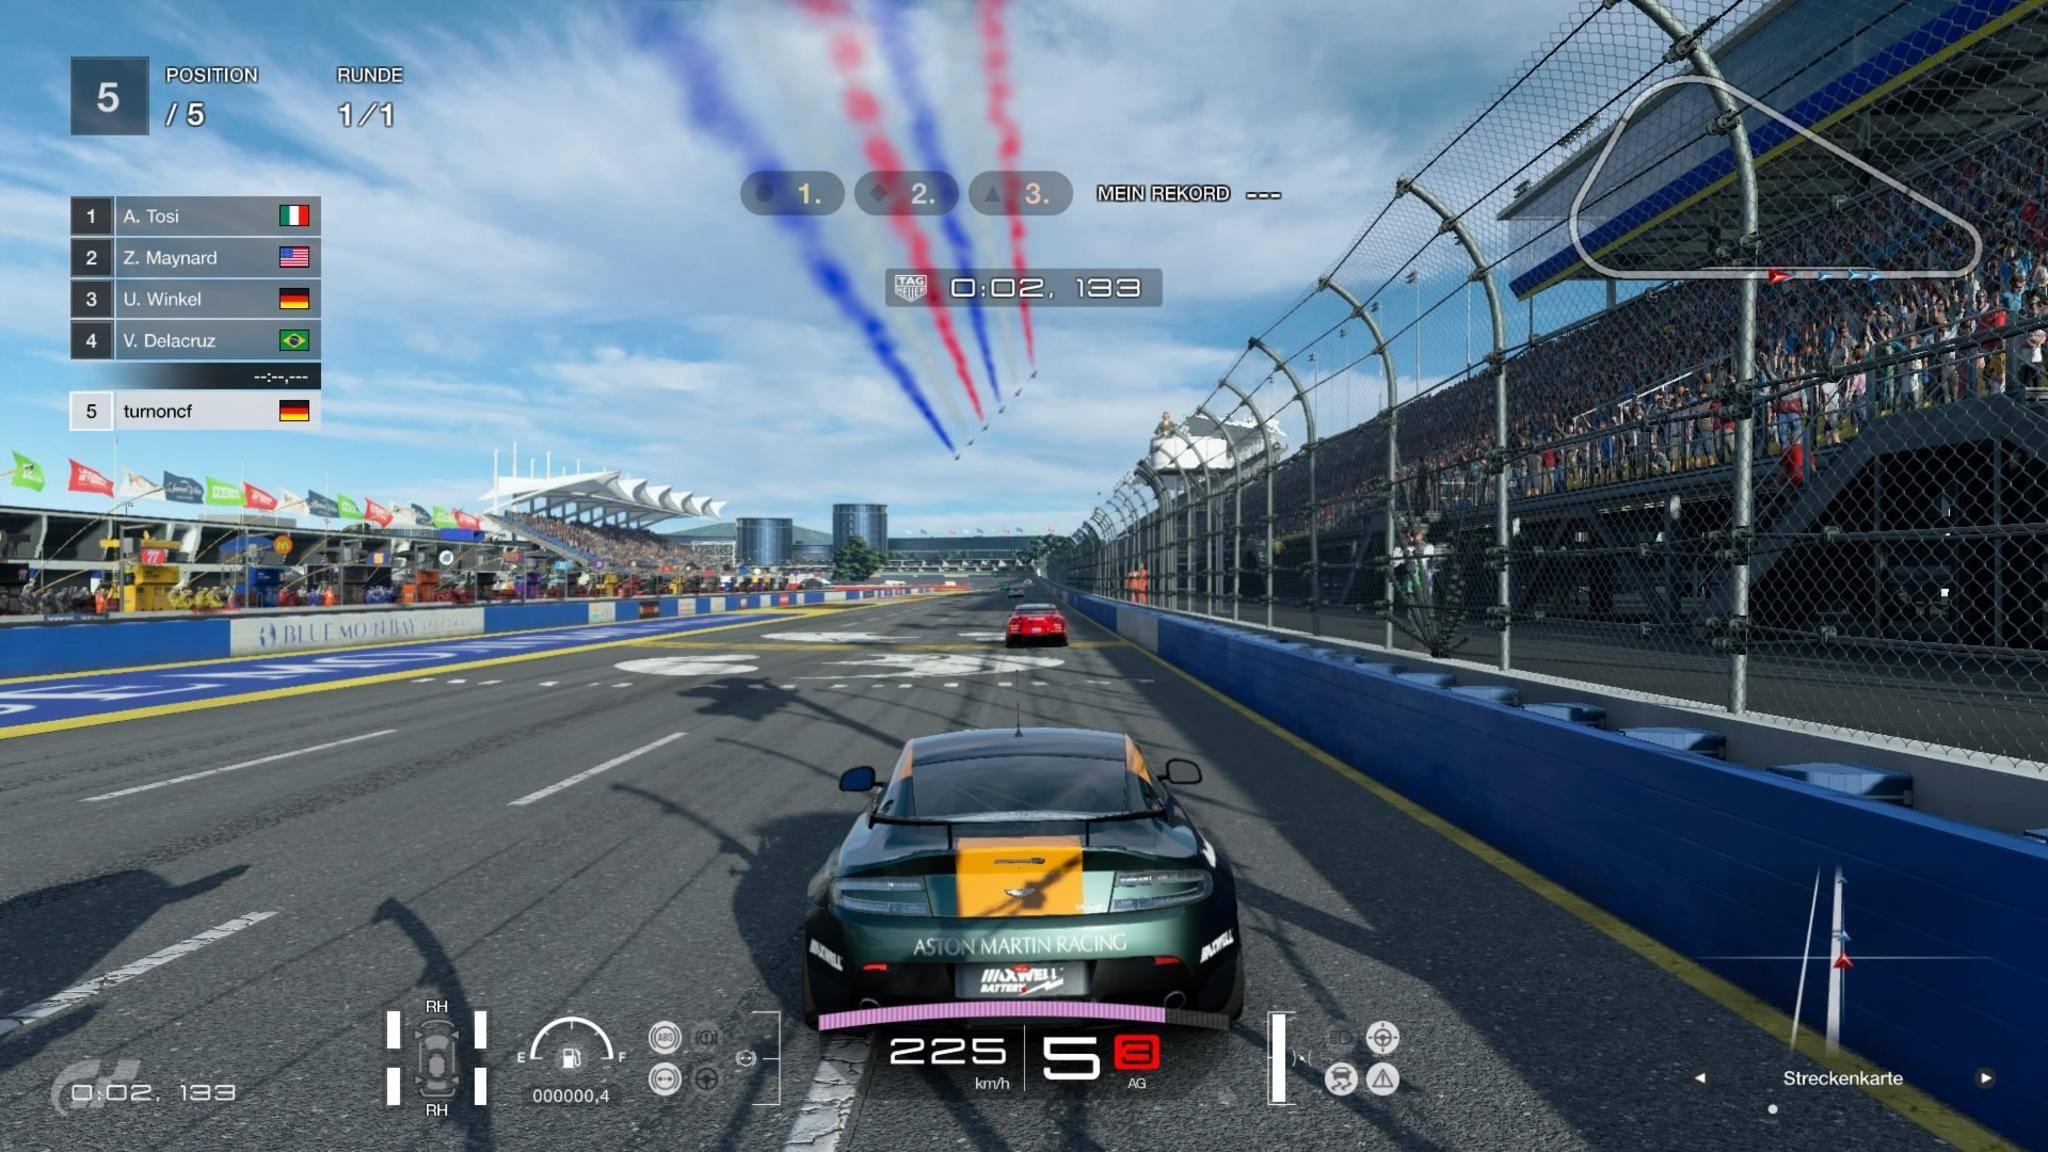 """Eine echte Rennlizenz als Top-Fahrer bei""""Gran Turismo Sport"""" bekommen – geht das wirklich?"""